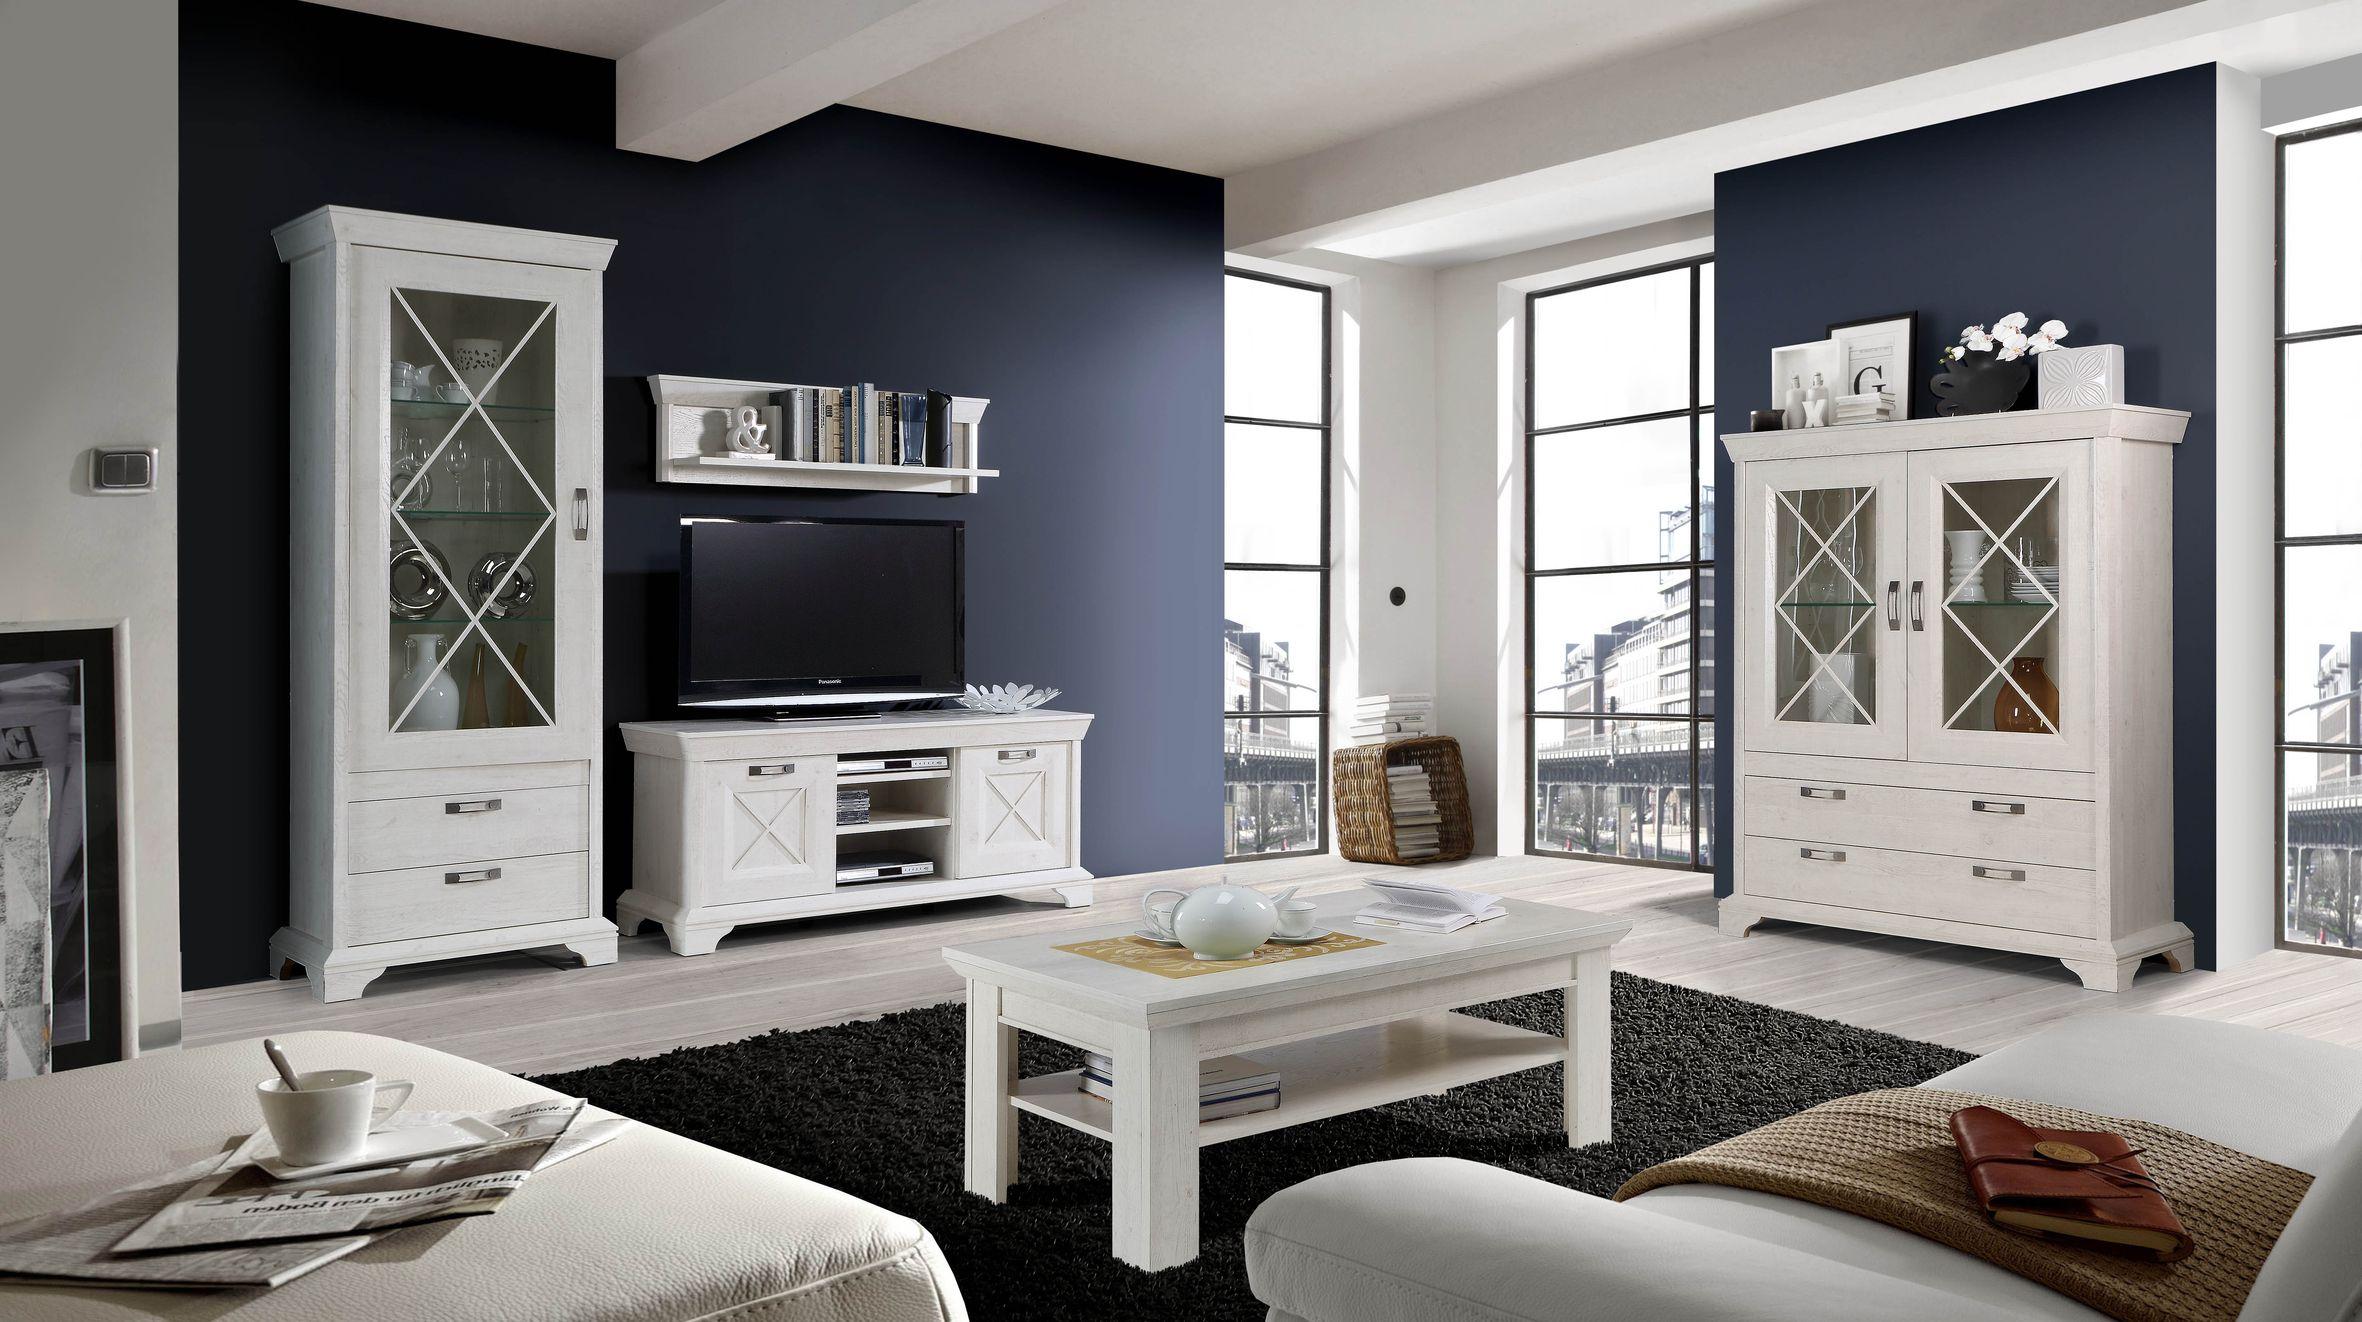 wohnzimmer couchtisch kashmir beistelltisch. Black Bedroom Furniture Sets. Home Design Ideas